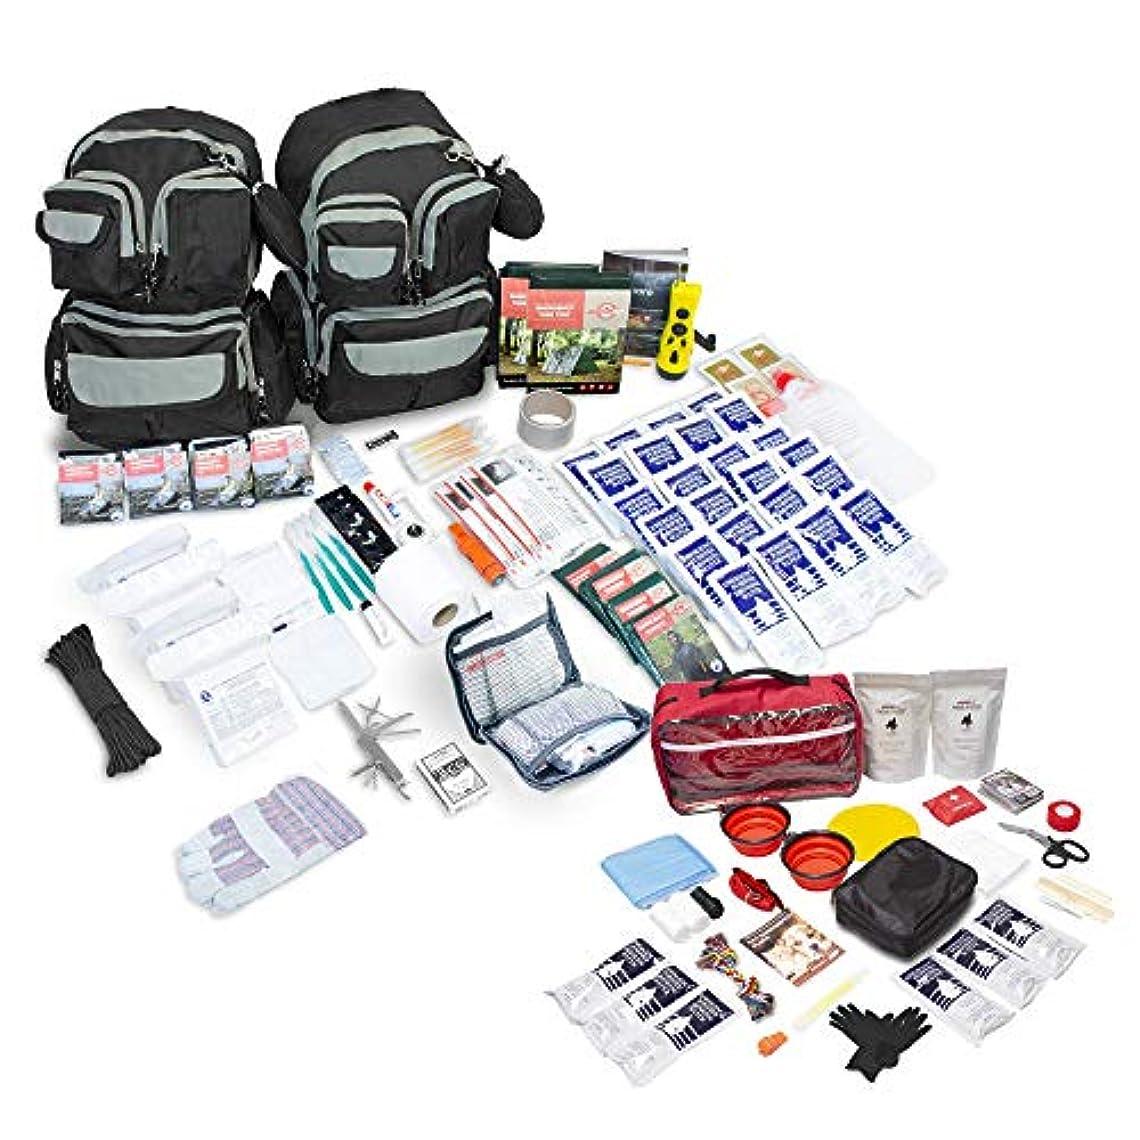 うまくやる()作成者スポーツの試合を担当している人Emergency Zone Urban Survival Bug Out/Go Bag 72-Hour Kit | Perfect Way to Prepare Your Family | Be Ready for Disasters Like Hurricanes, Earthquakes, More (4 Person with Dog Pet Emergency Kit Add on)… [並行輸入品]